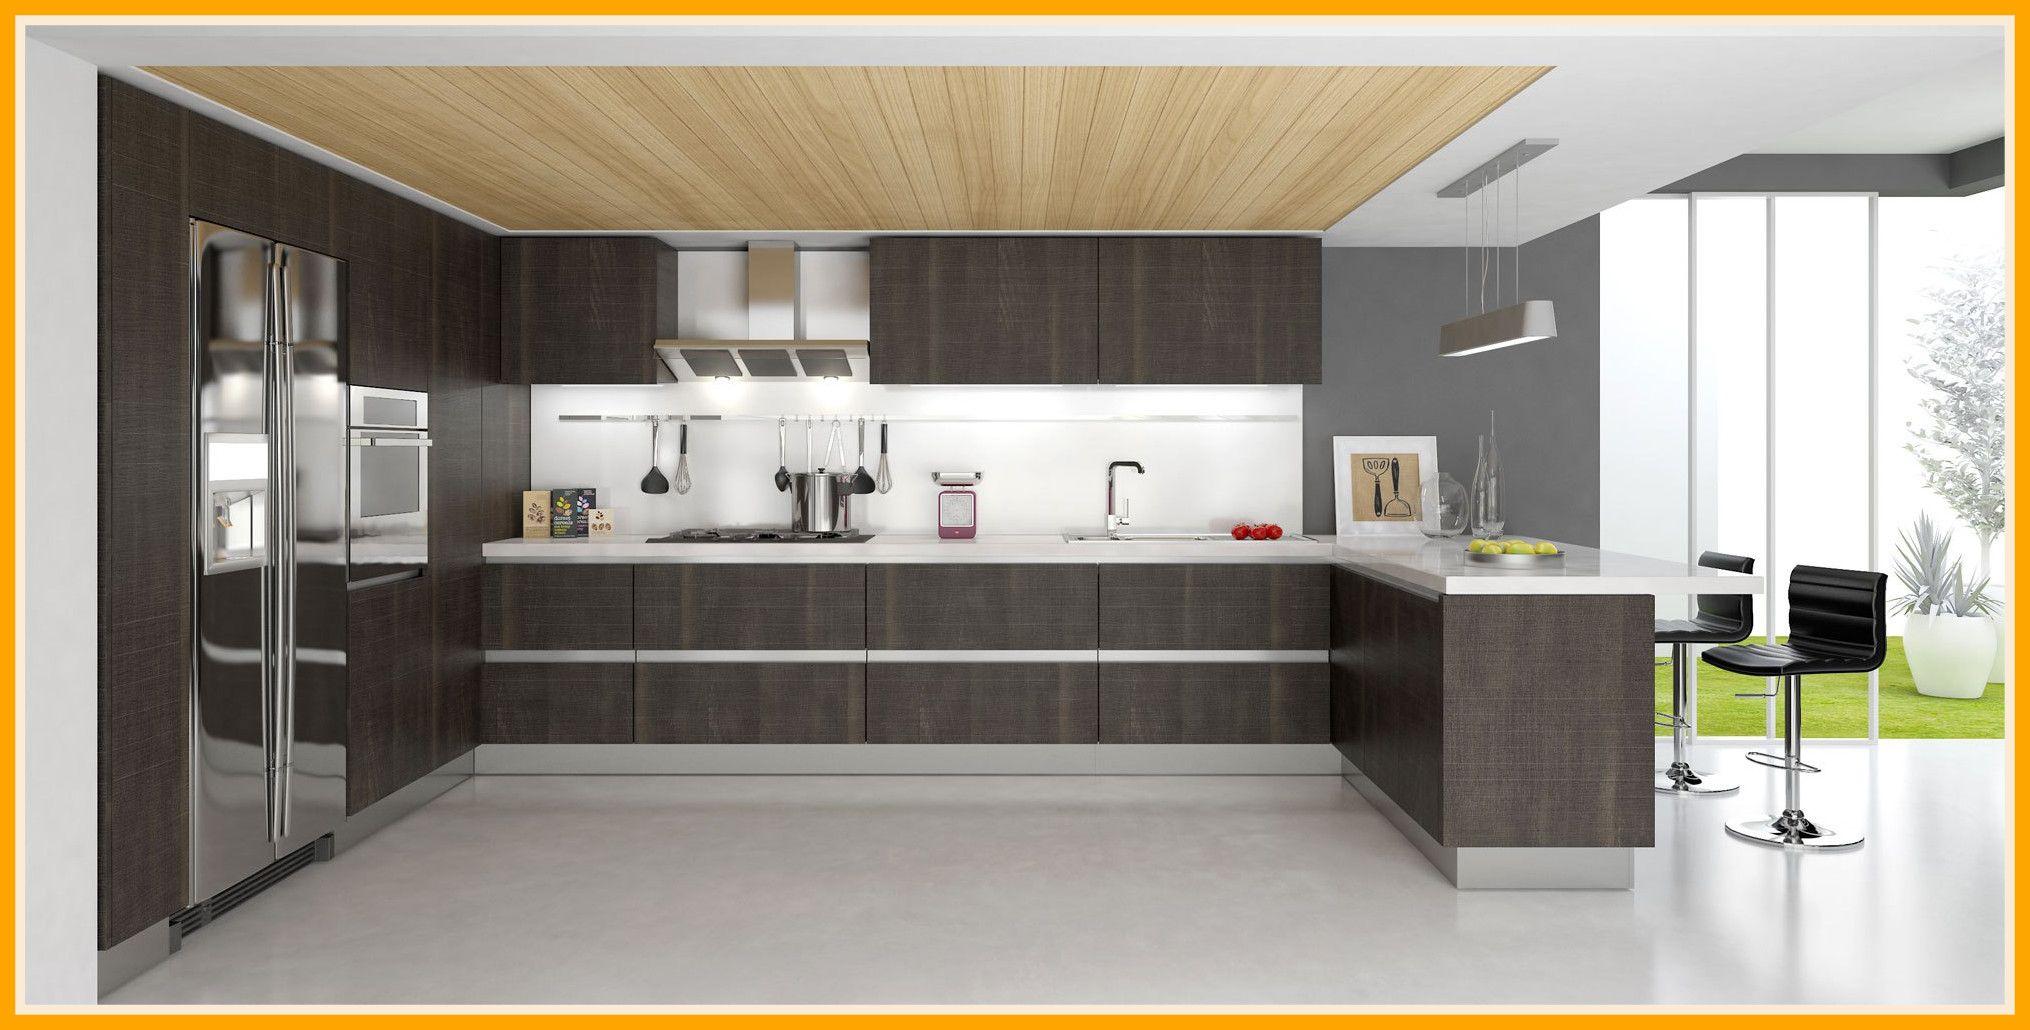 Stylish Kitchen Redesigns  June, 2018